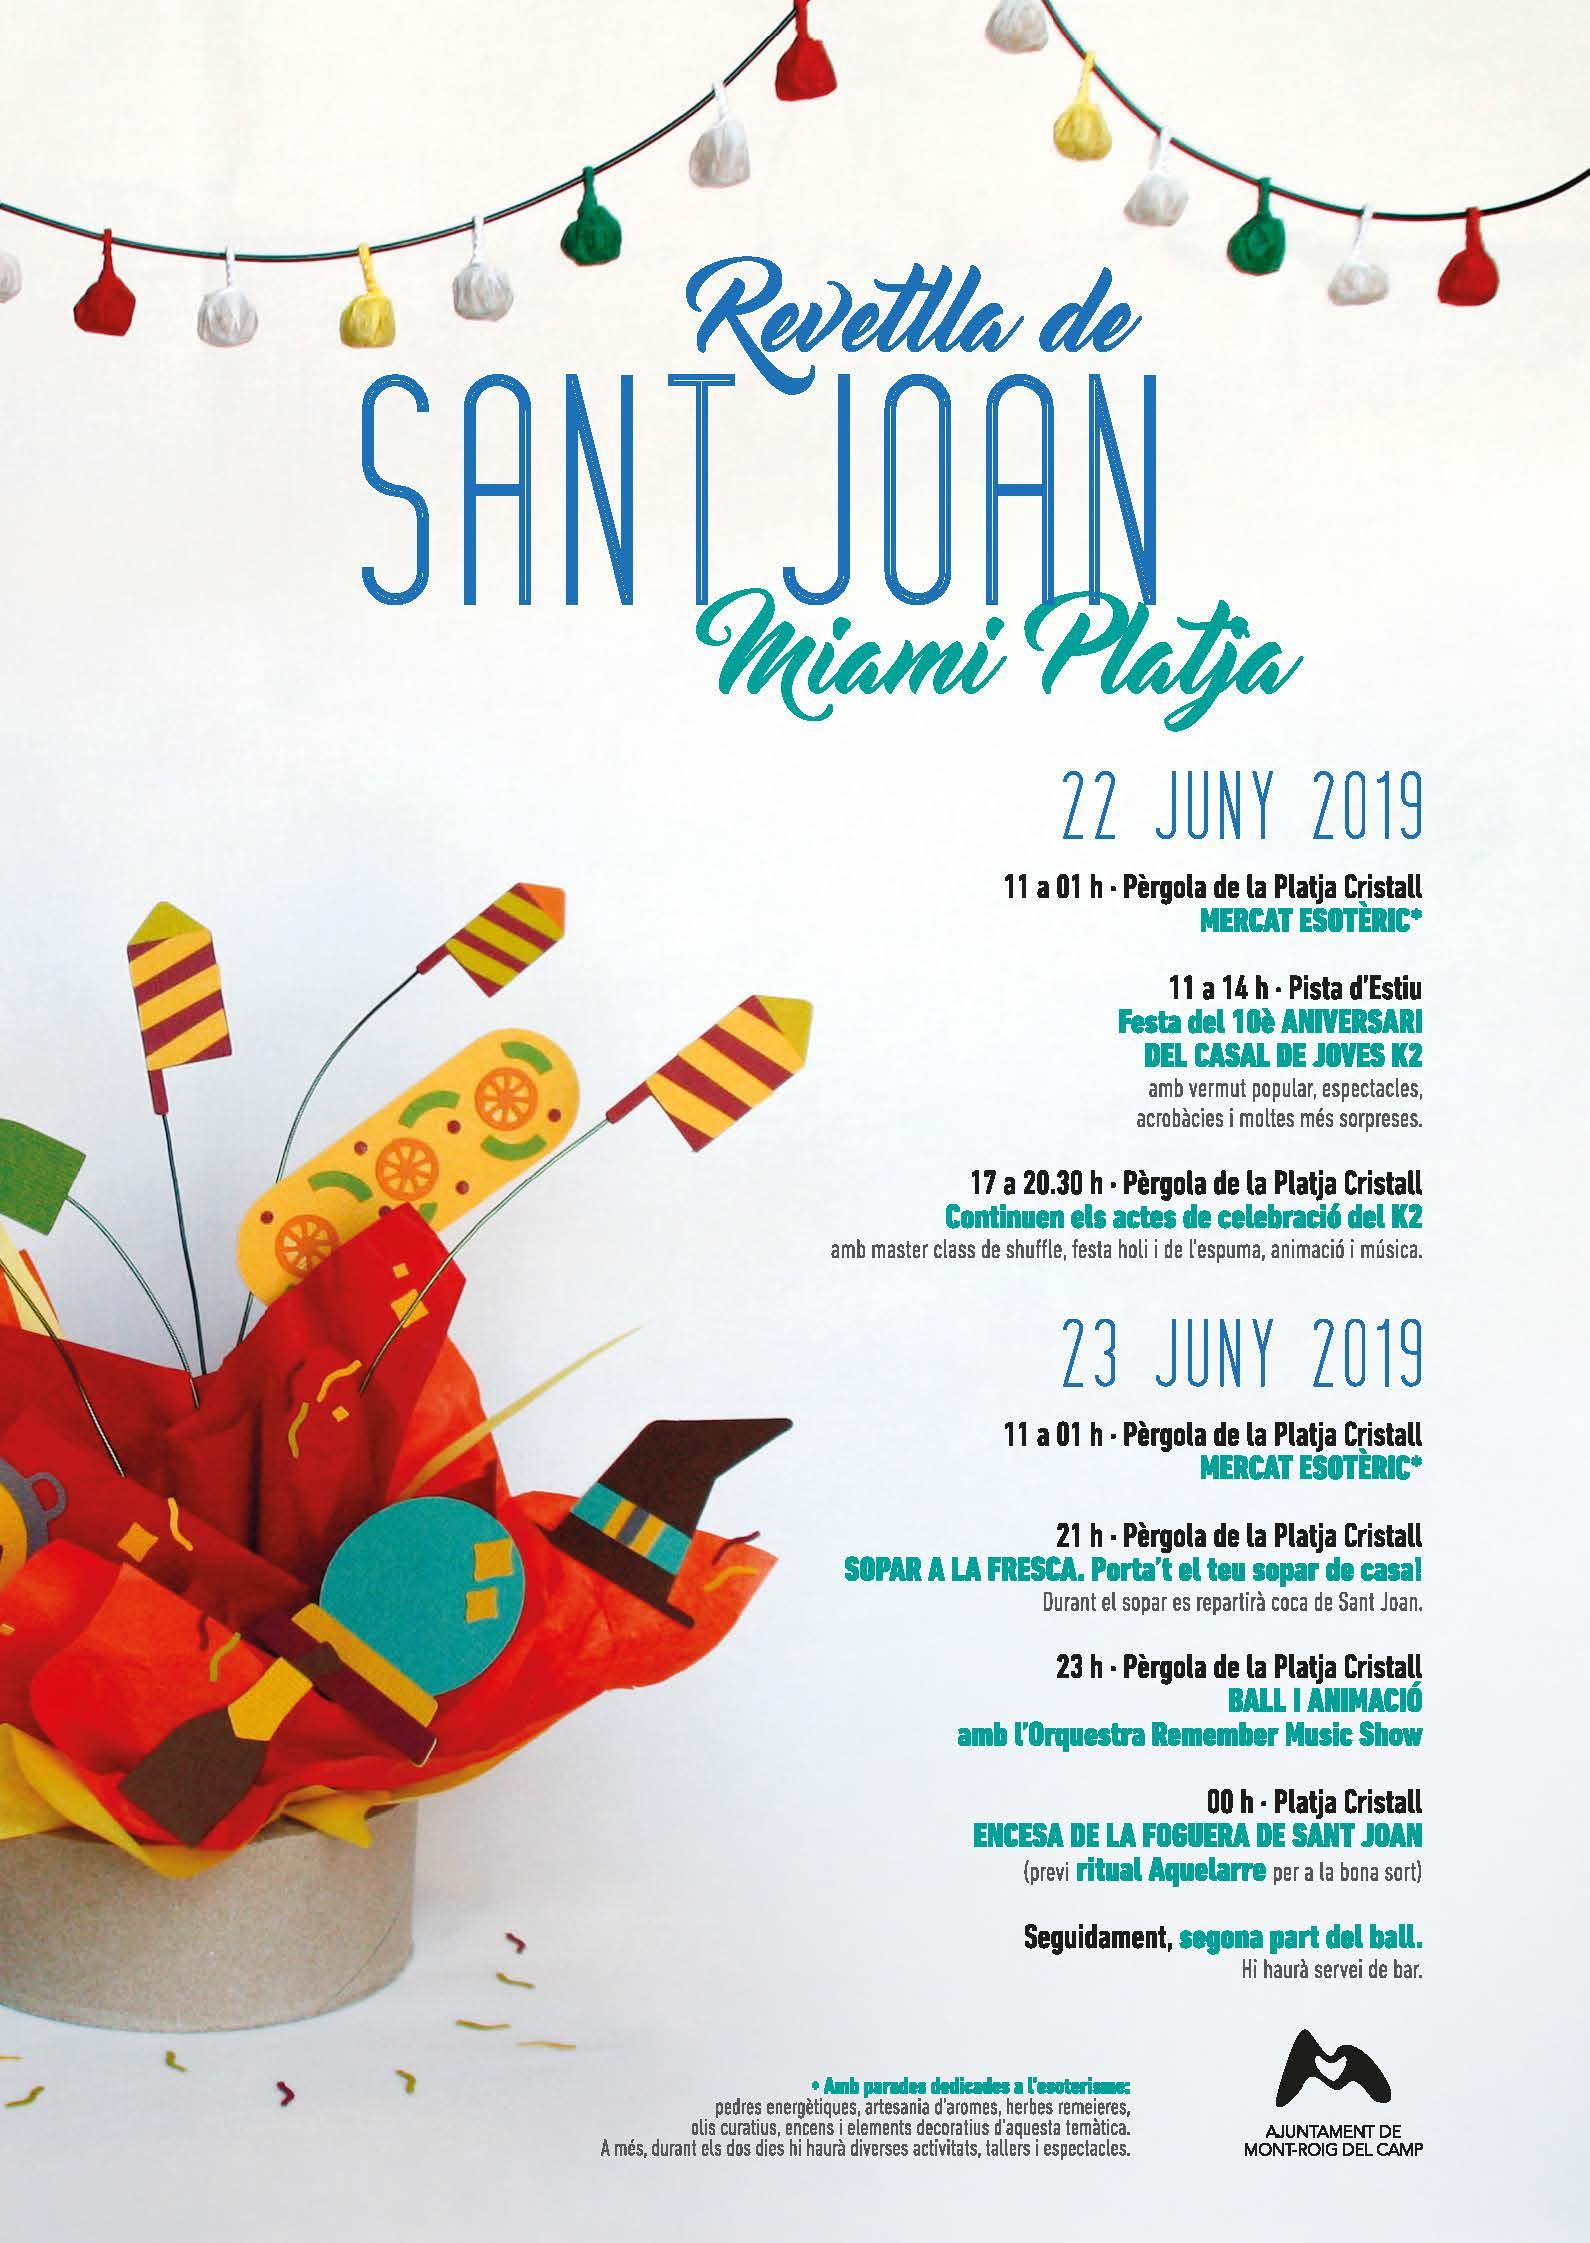 Todo Listo Para Celebrar La Verbena De San Juan En Mont Roig Y En Miami Platja Ajuntament De Mont Roig Del Camp